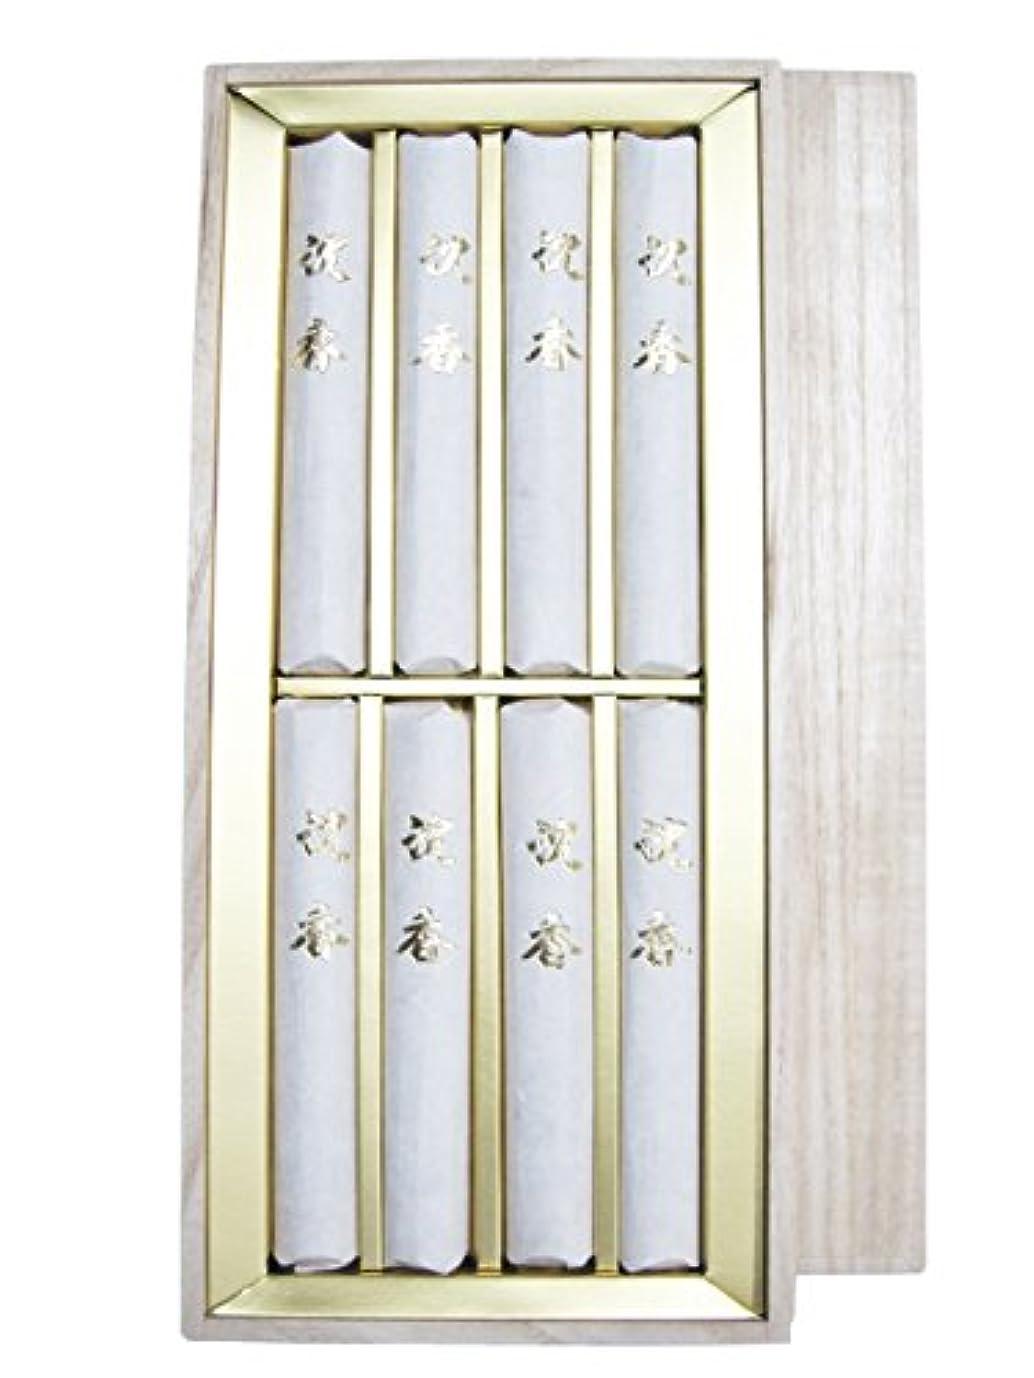 冷蔵庫うがい幼児淡路梅薫堂のご進物用線香 御線香贈答用 お線香ギフト 日本製 お供え物 高級品 高級線香 沈香 侘び寂び 桐箱 agarwood incense sticks wabisabi マケプレプライム #818